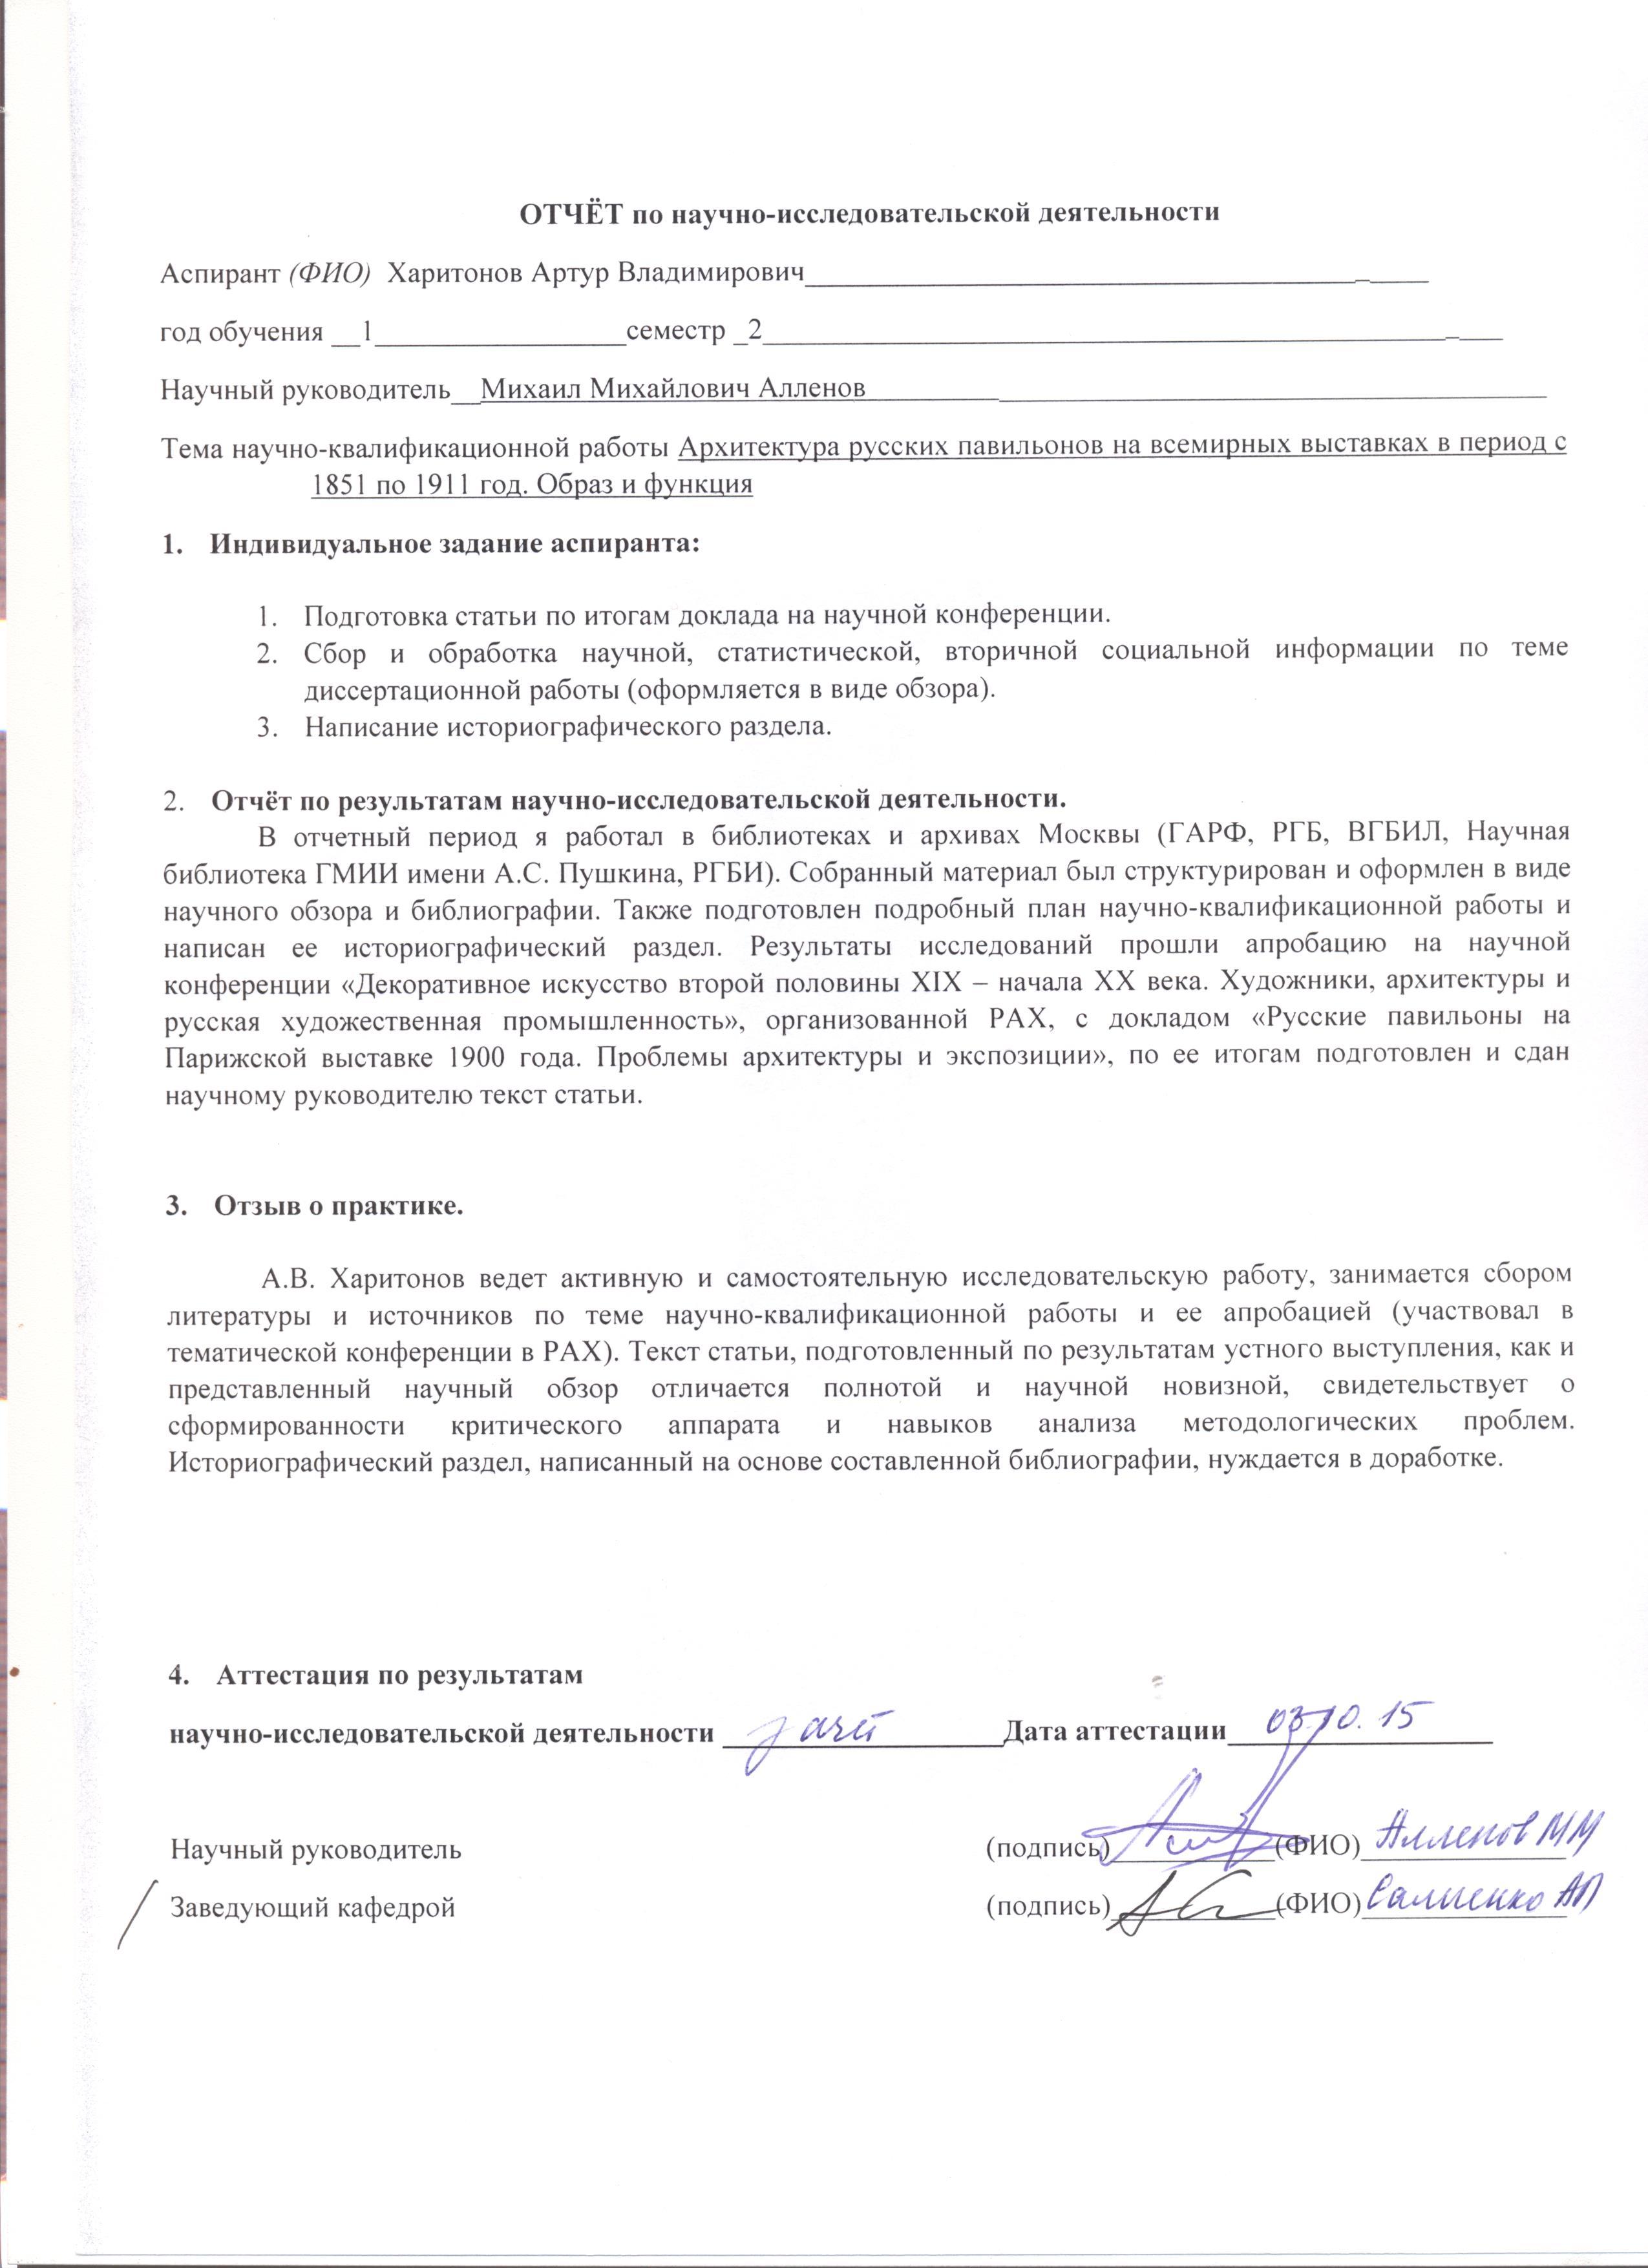 Харитонов Артур Владимирович пользователь сотрудник ИСТИНА  Отчет по научно исследовательской деятельности 1 2